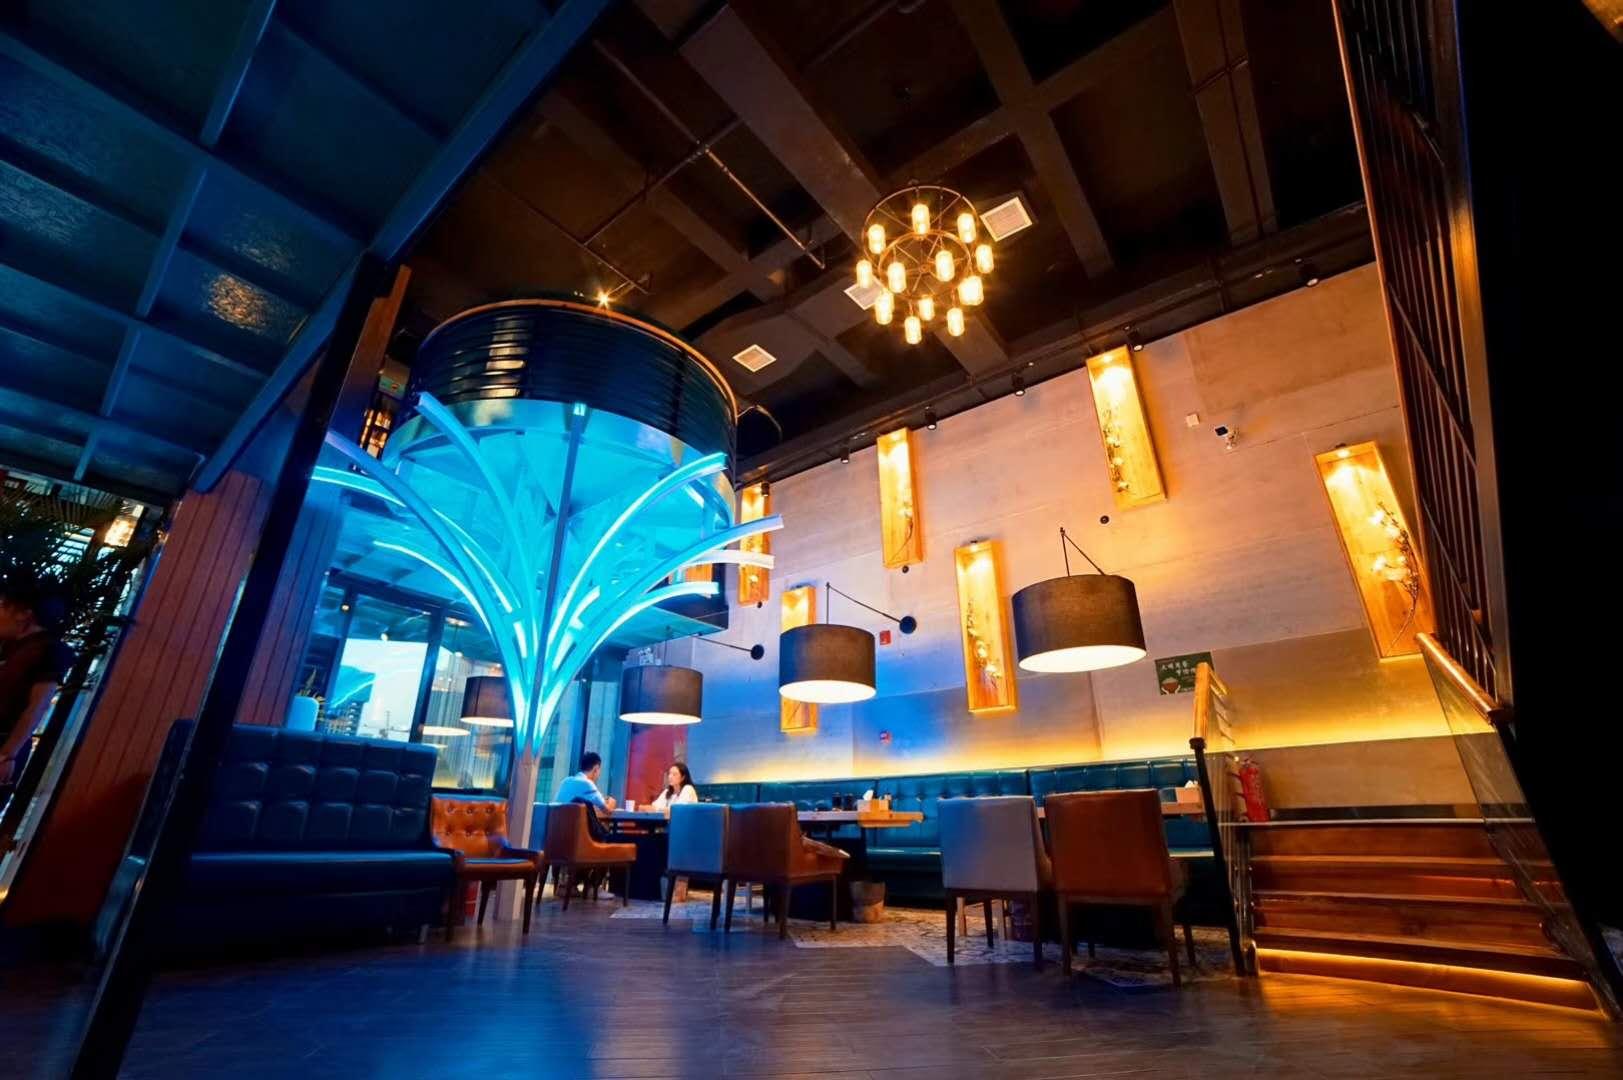 火锅店 餐饮空间图片来自乔发明在大红焱火锅店的分享